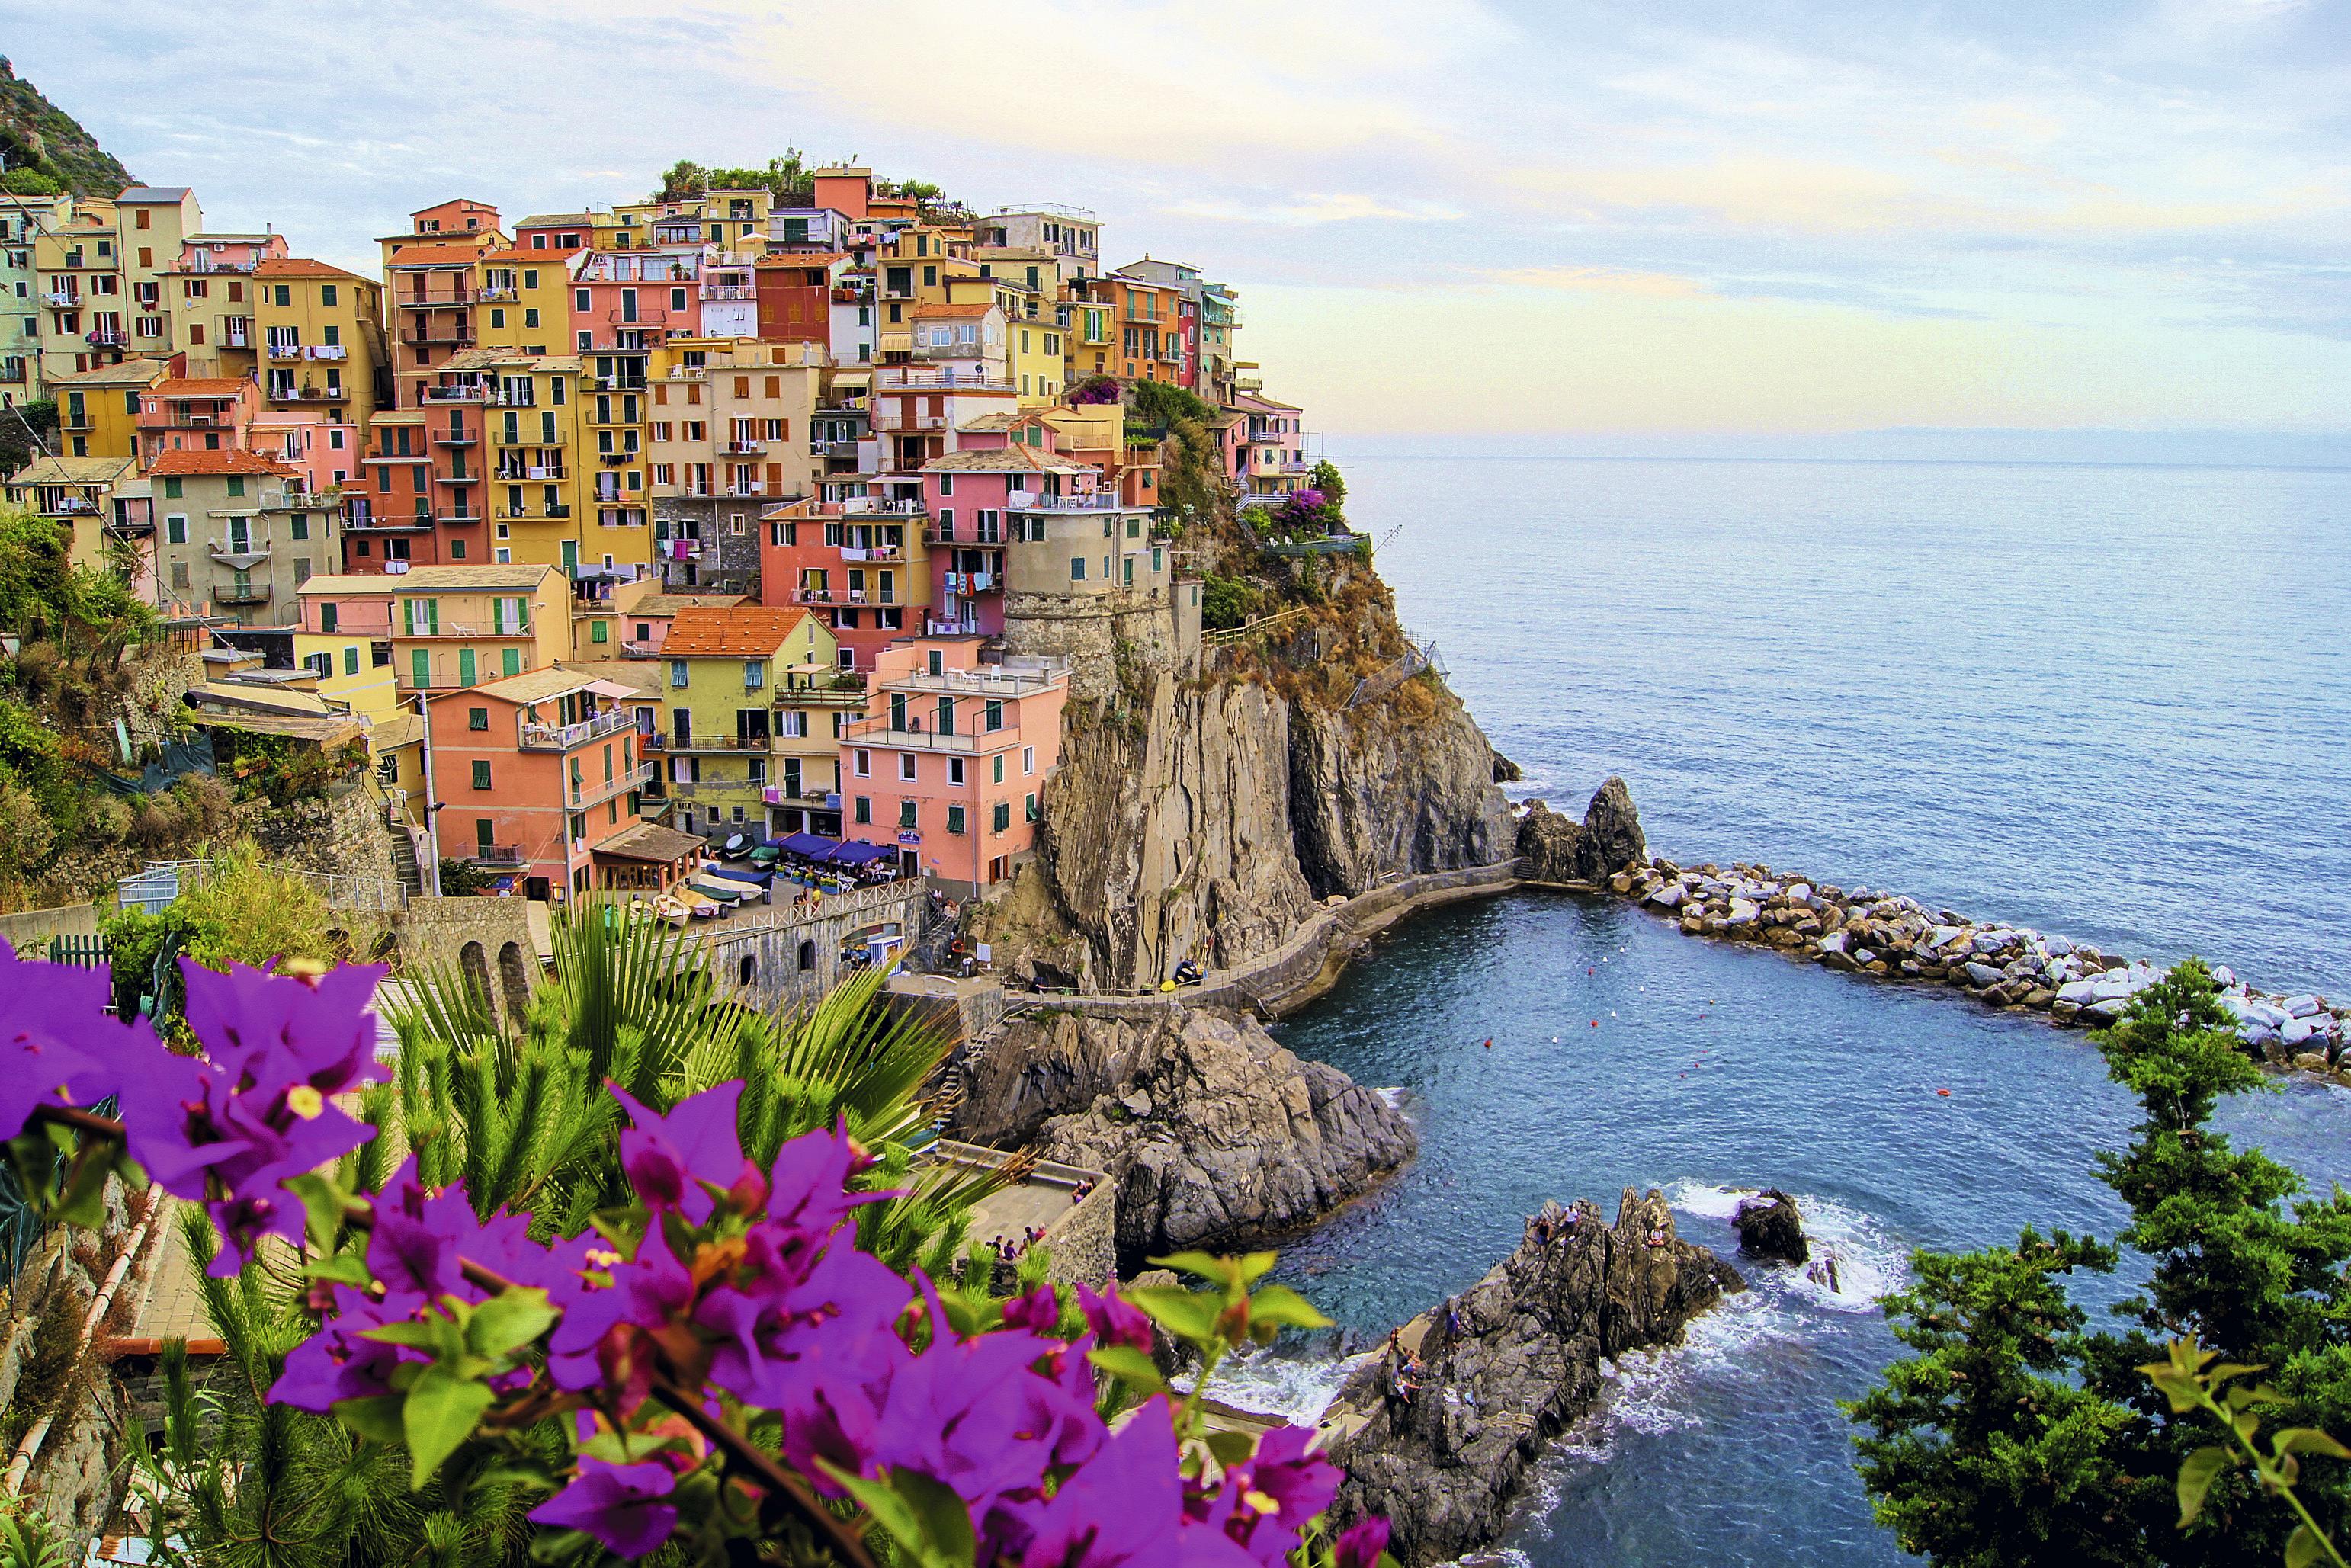 Imagina uma trilha pela Cinque Terre?